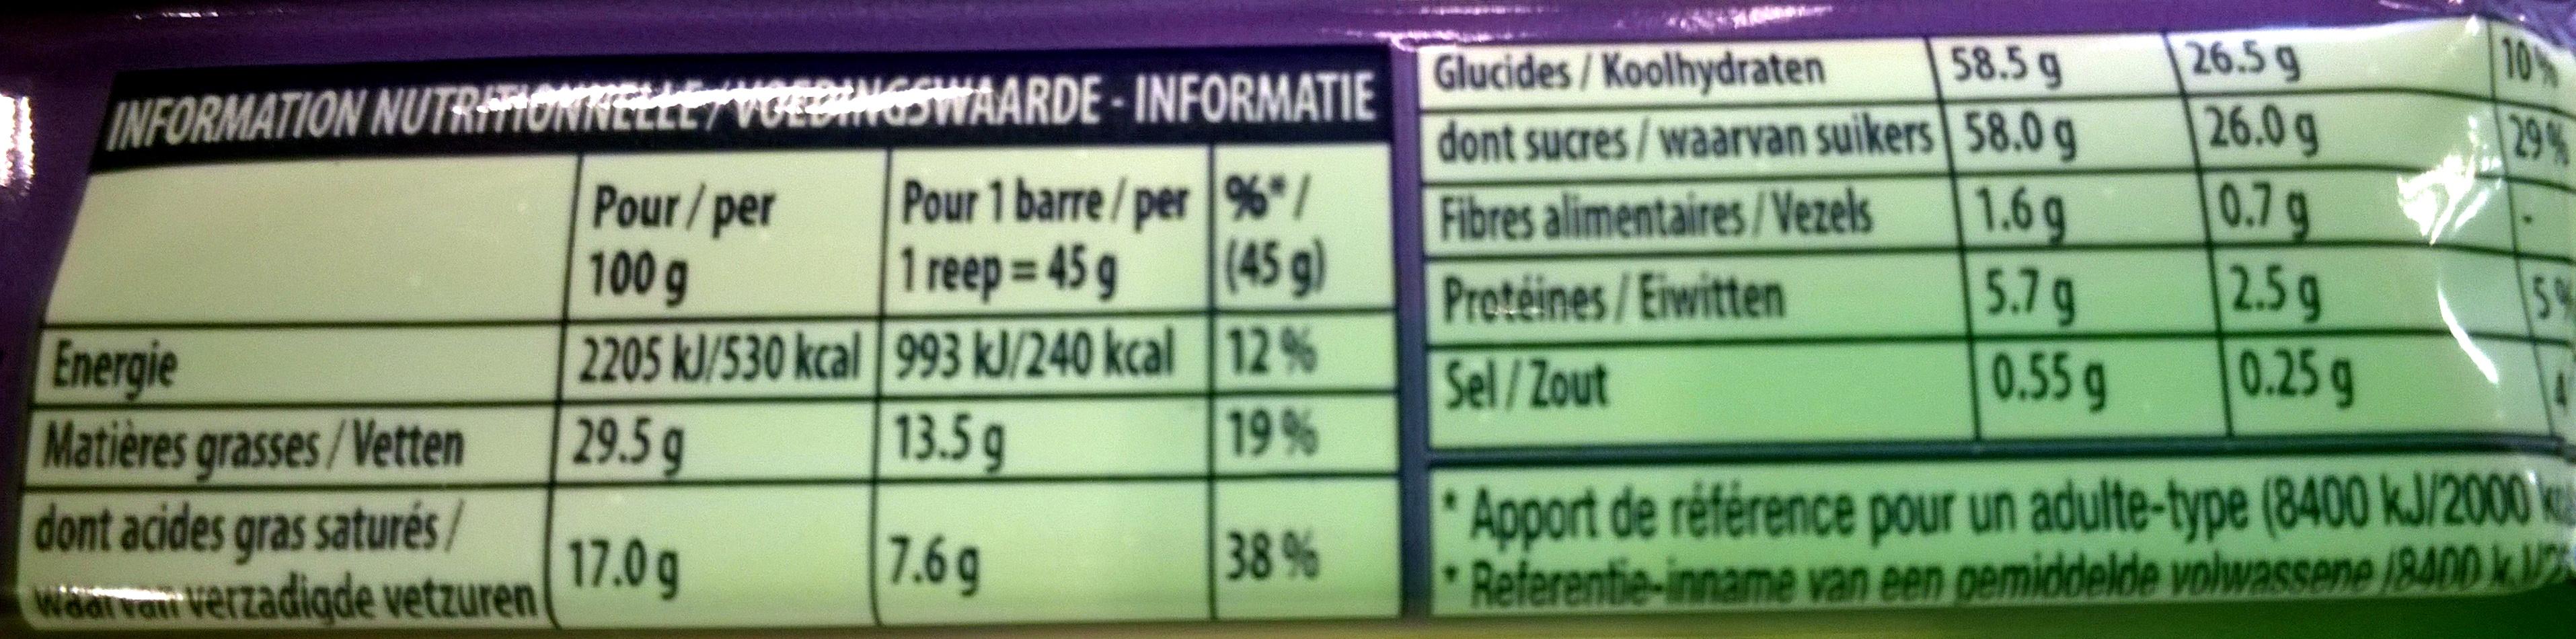 Milka & Daim - Voedingswaarden - fr